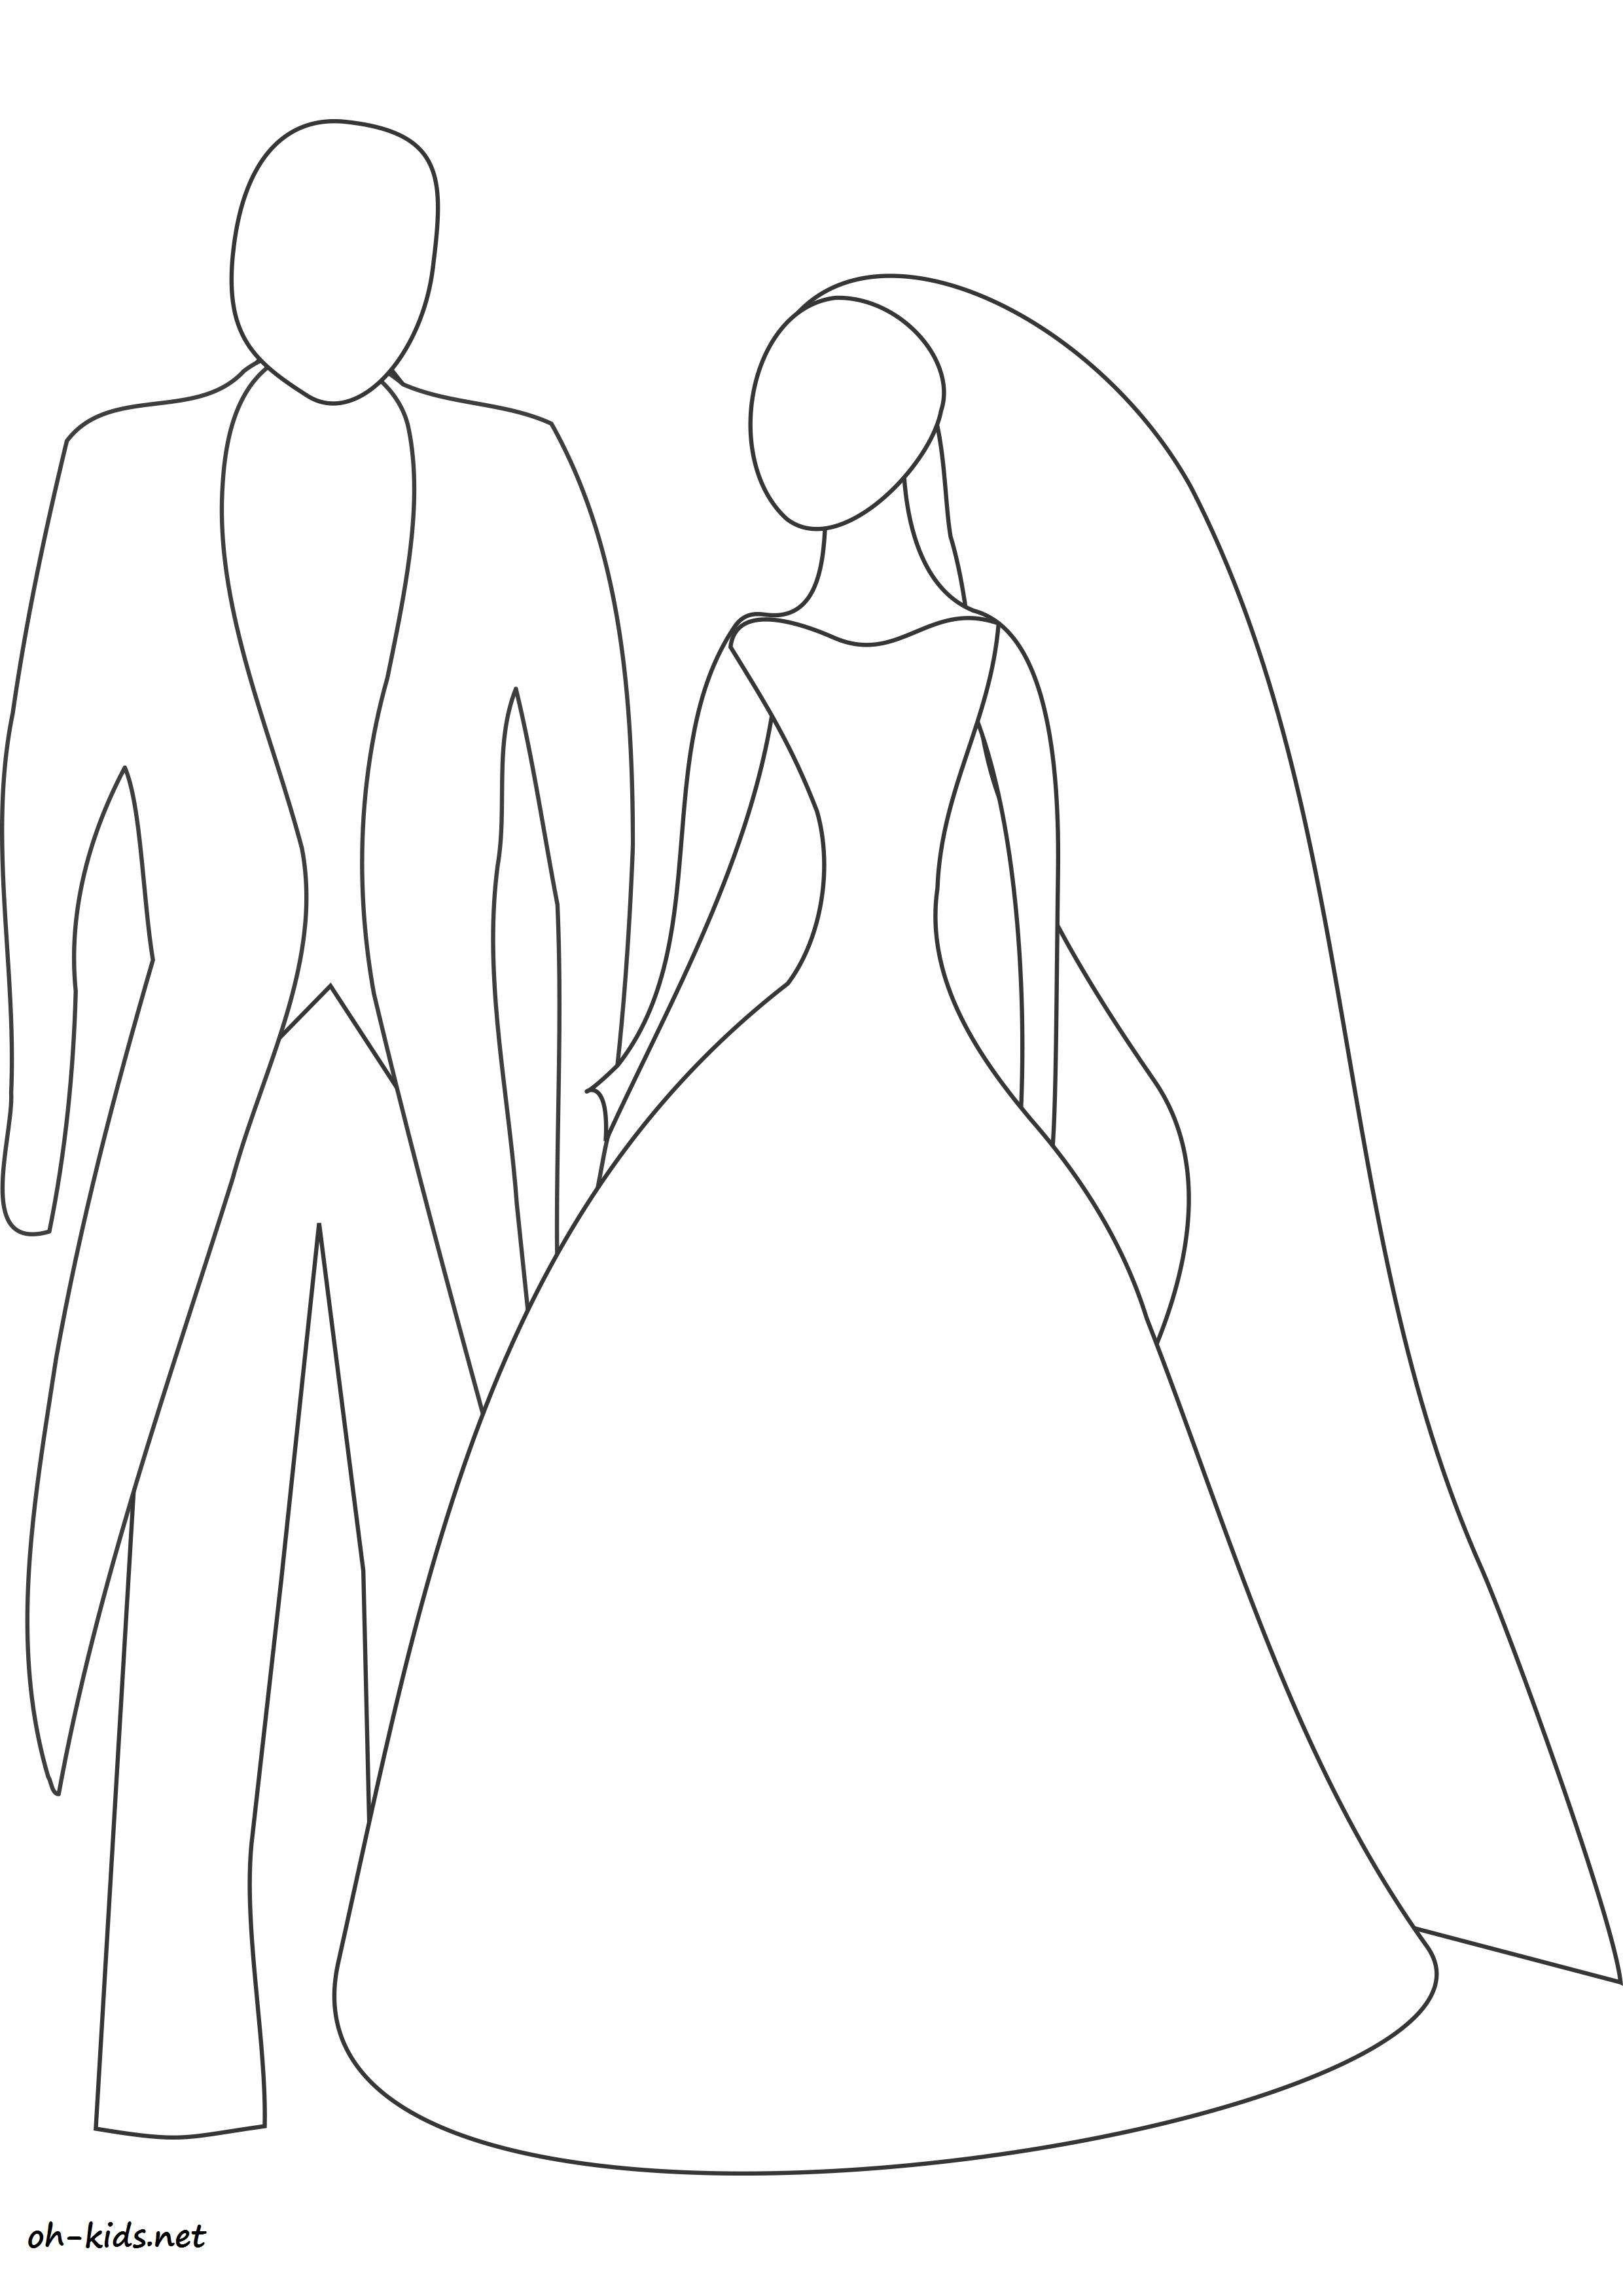 Coloriage mariage à imprimer - Dessin #1193